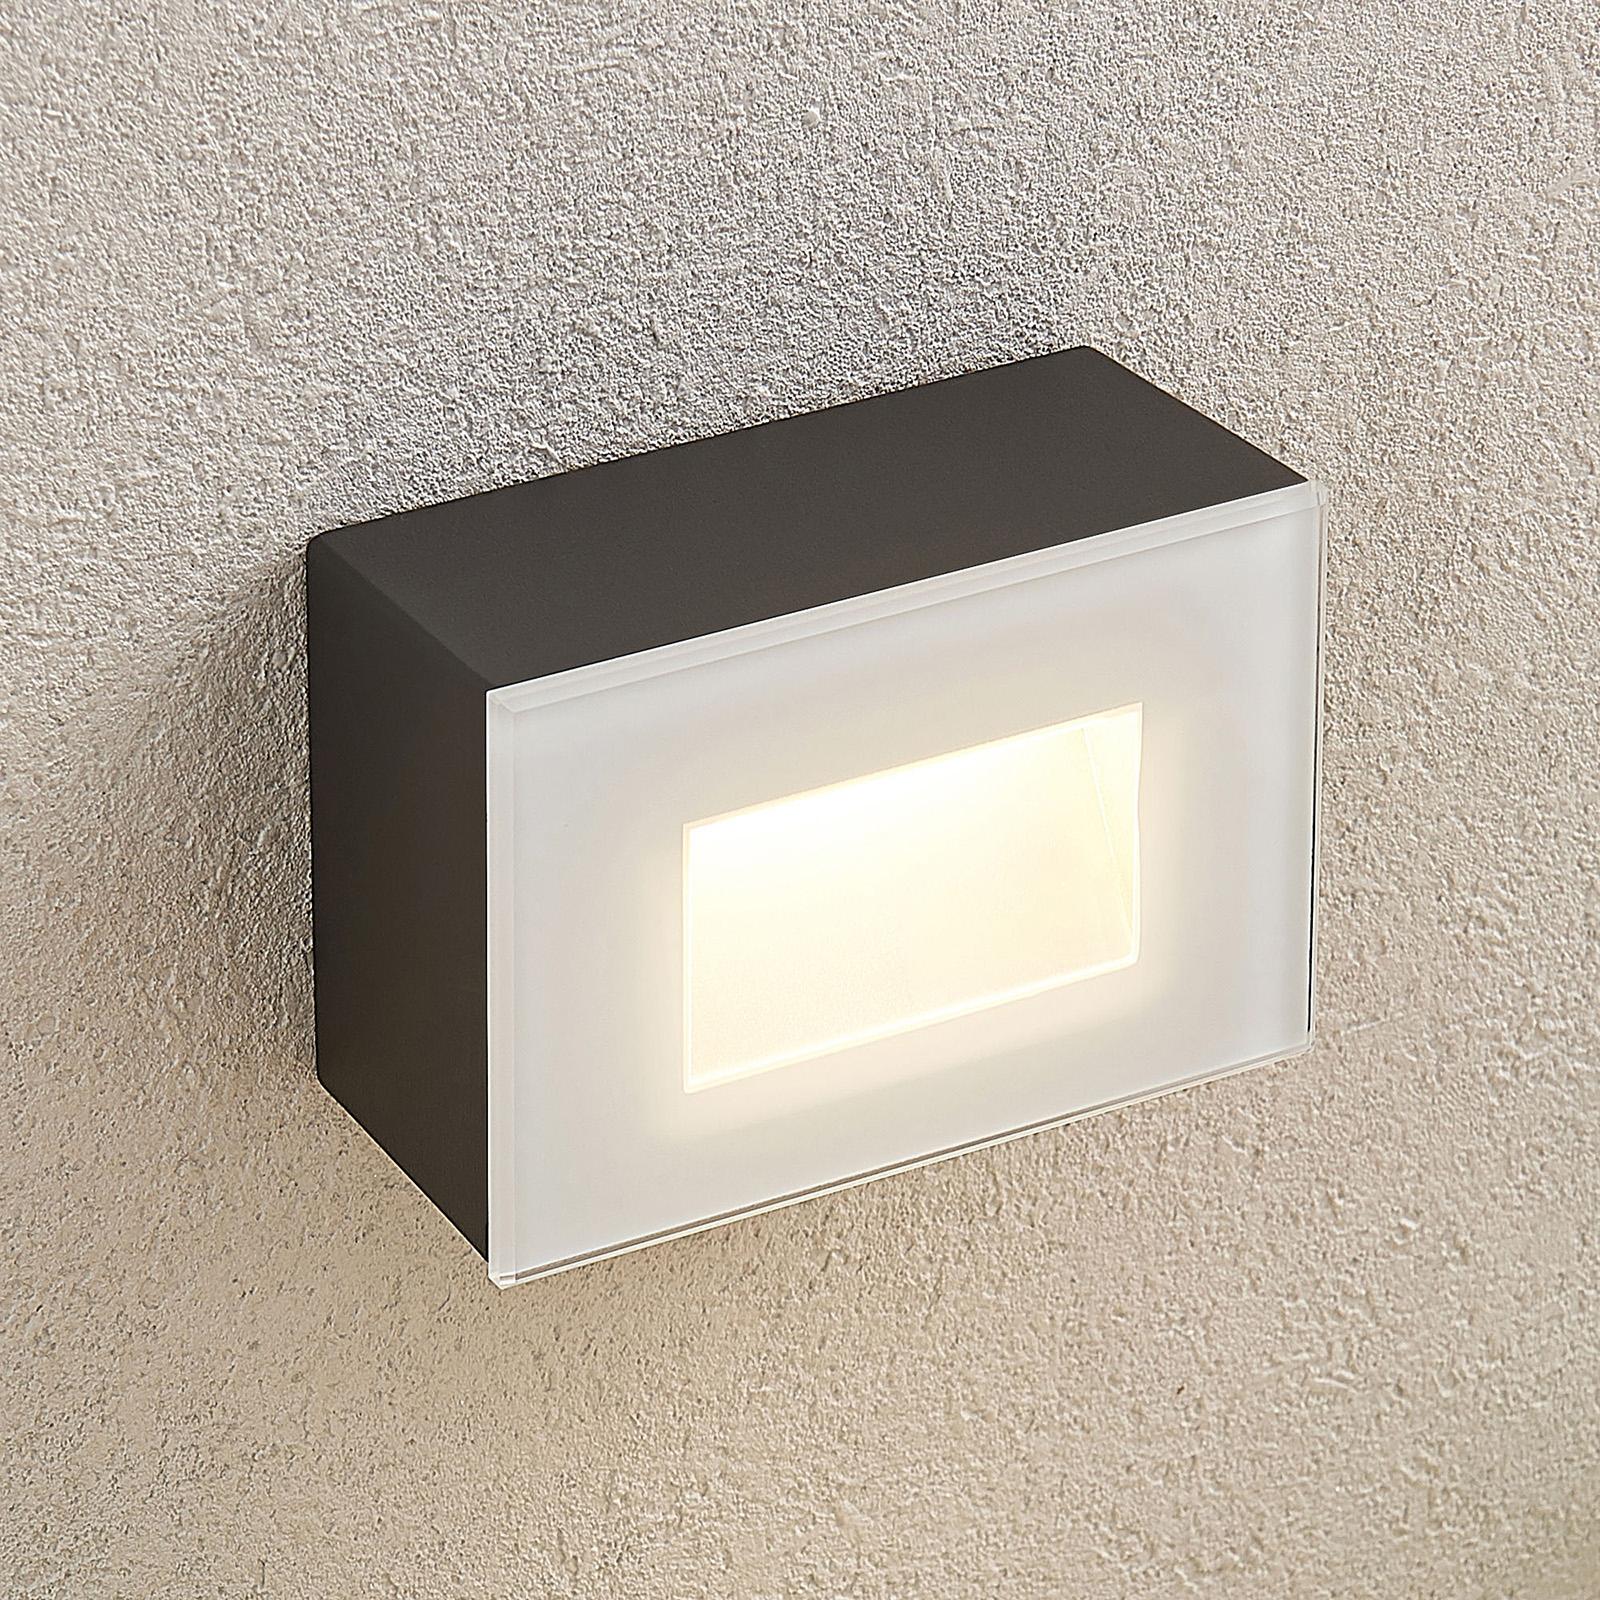 Kinkiet zewnętrzny LED Jody, 12 cm, kątowy